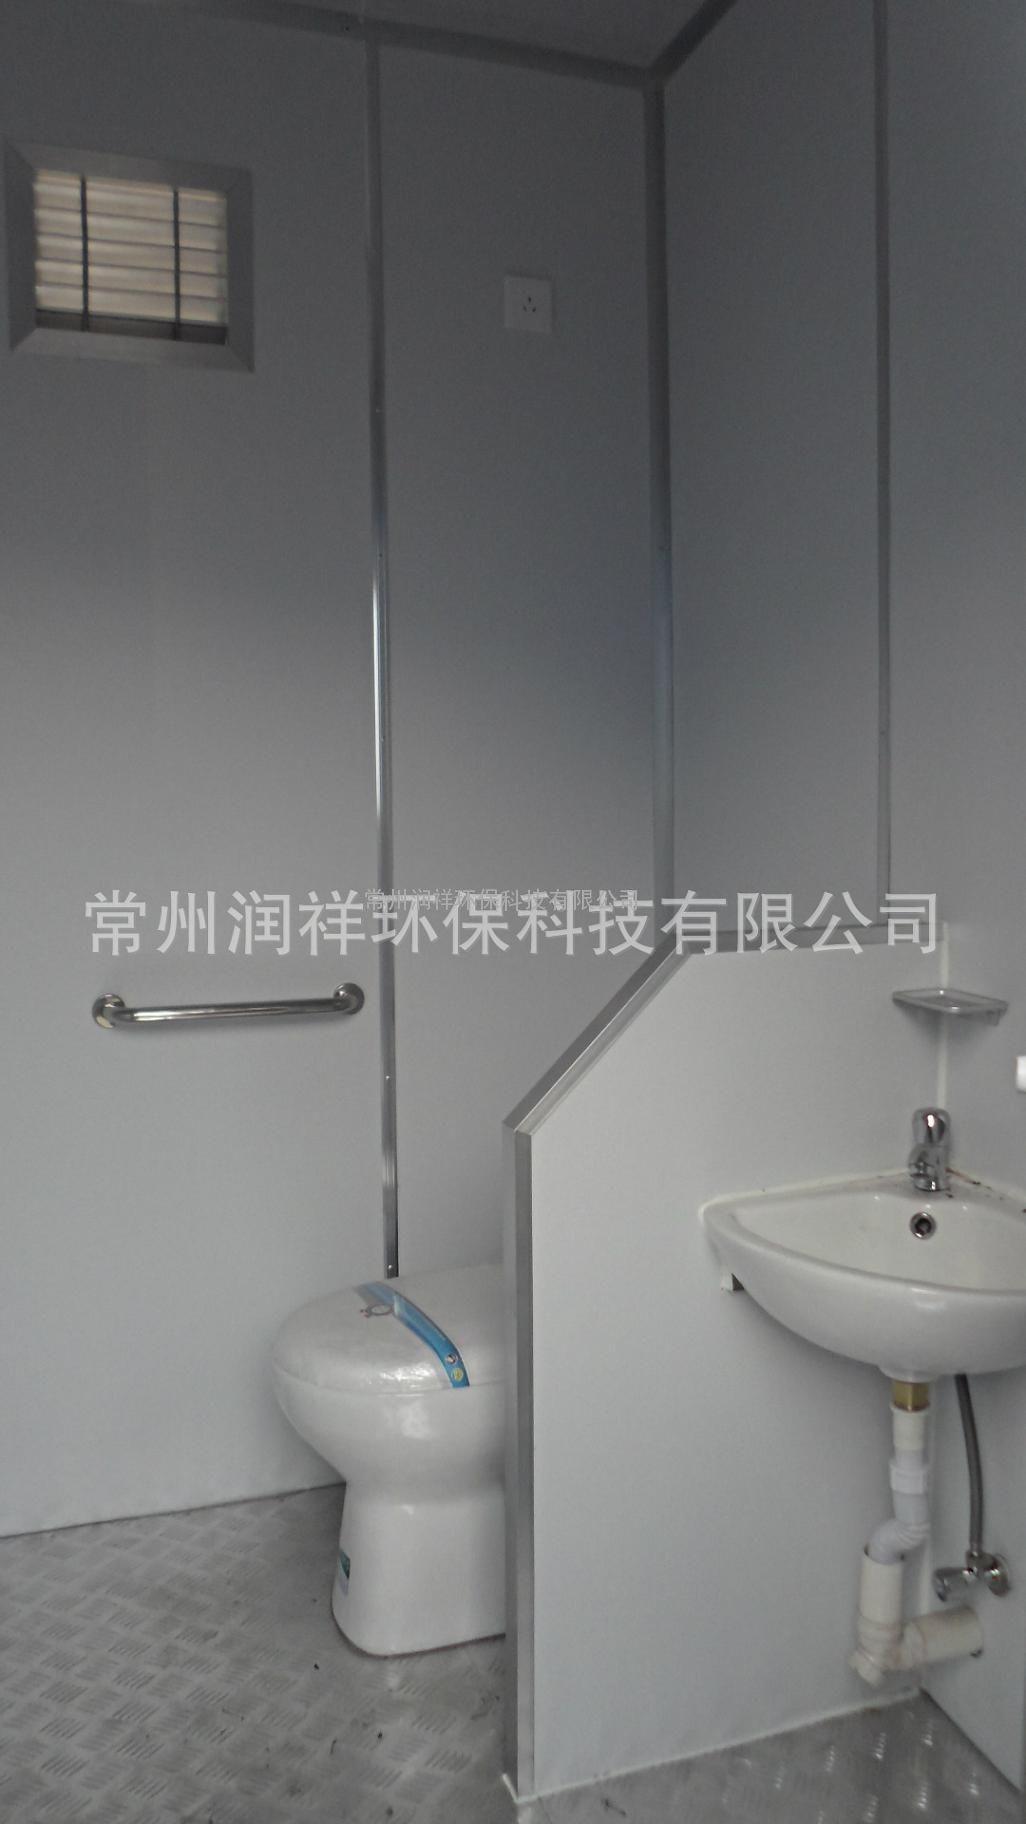 供应山东移动厕所 河南环保厕所 景区环保厕所 环保厕所厂家